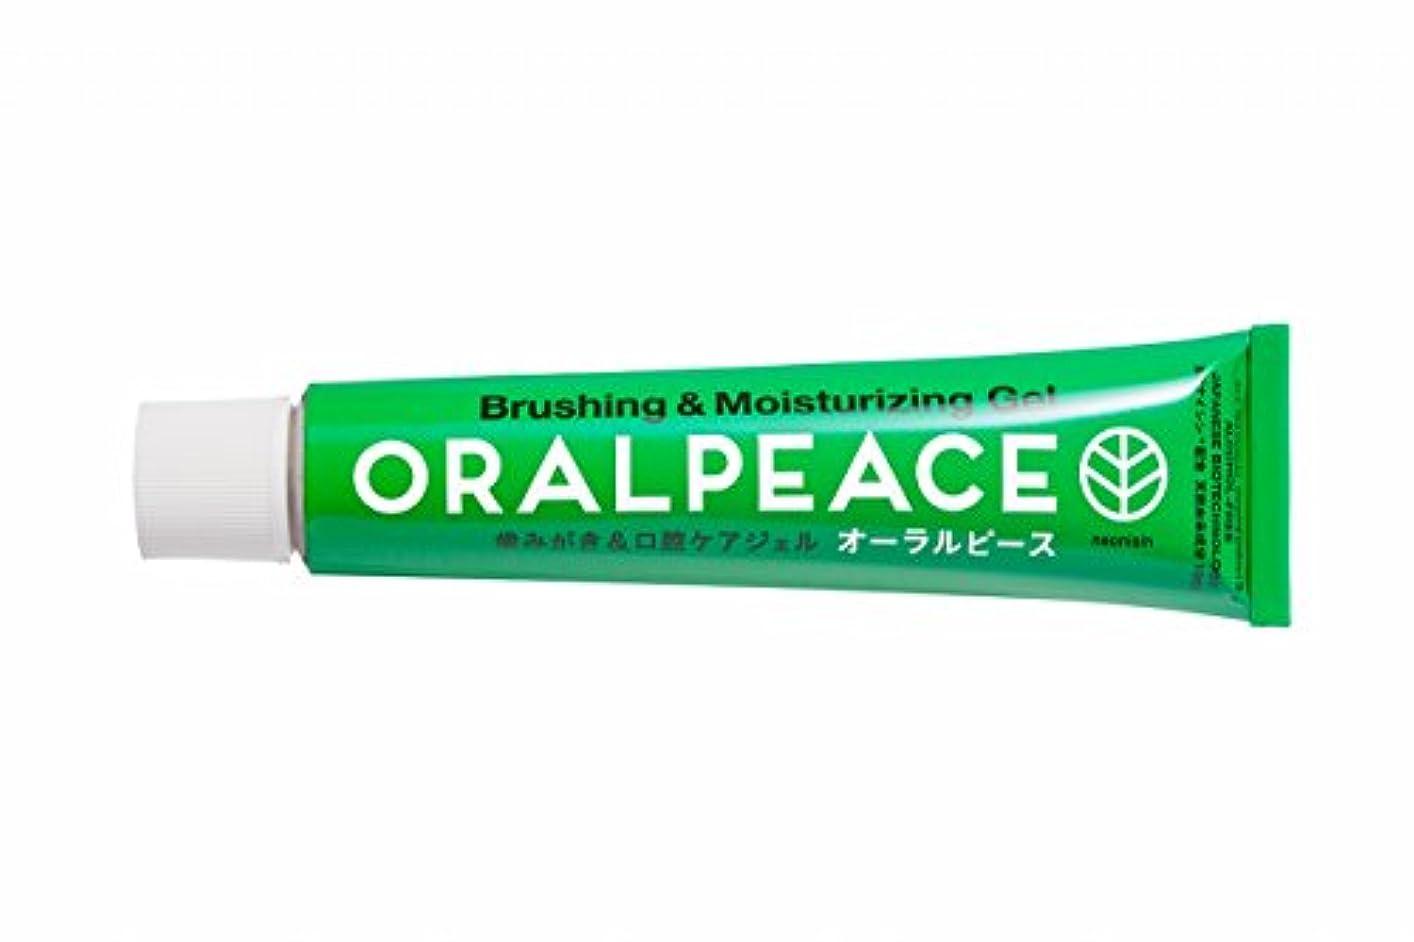 義務づける破滅短くするオーラルピース 歯みがき&口腔ケアジェル 75g